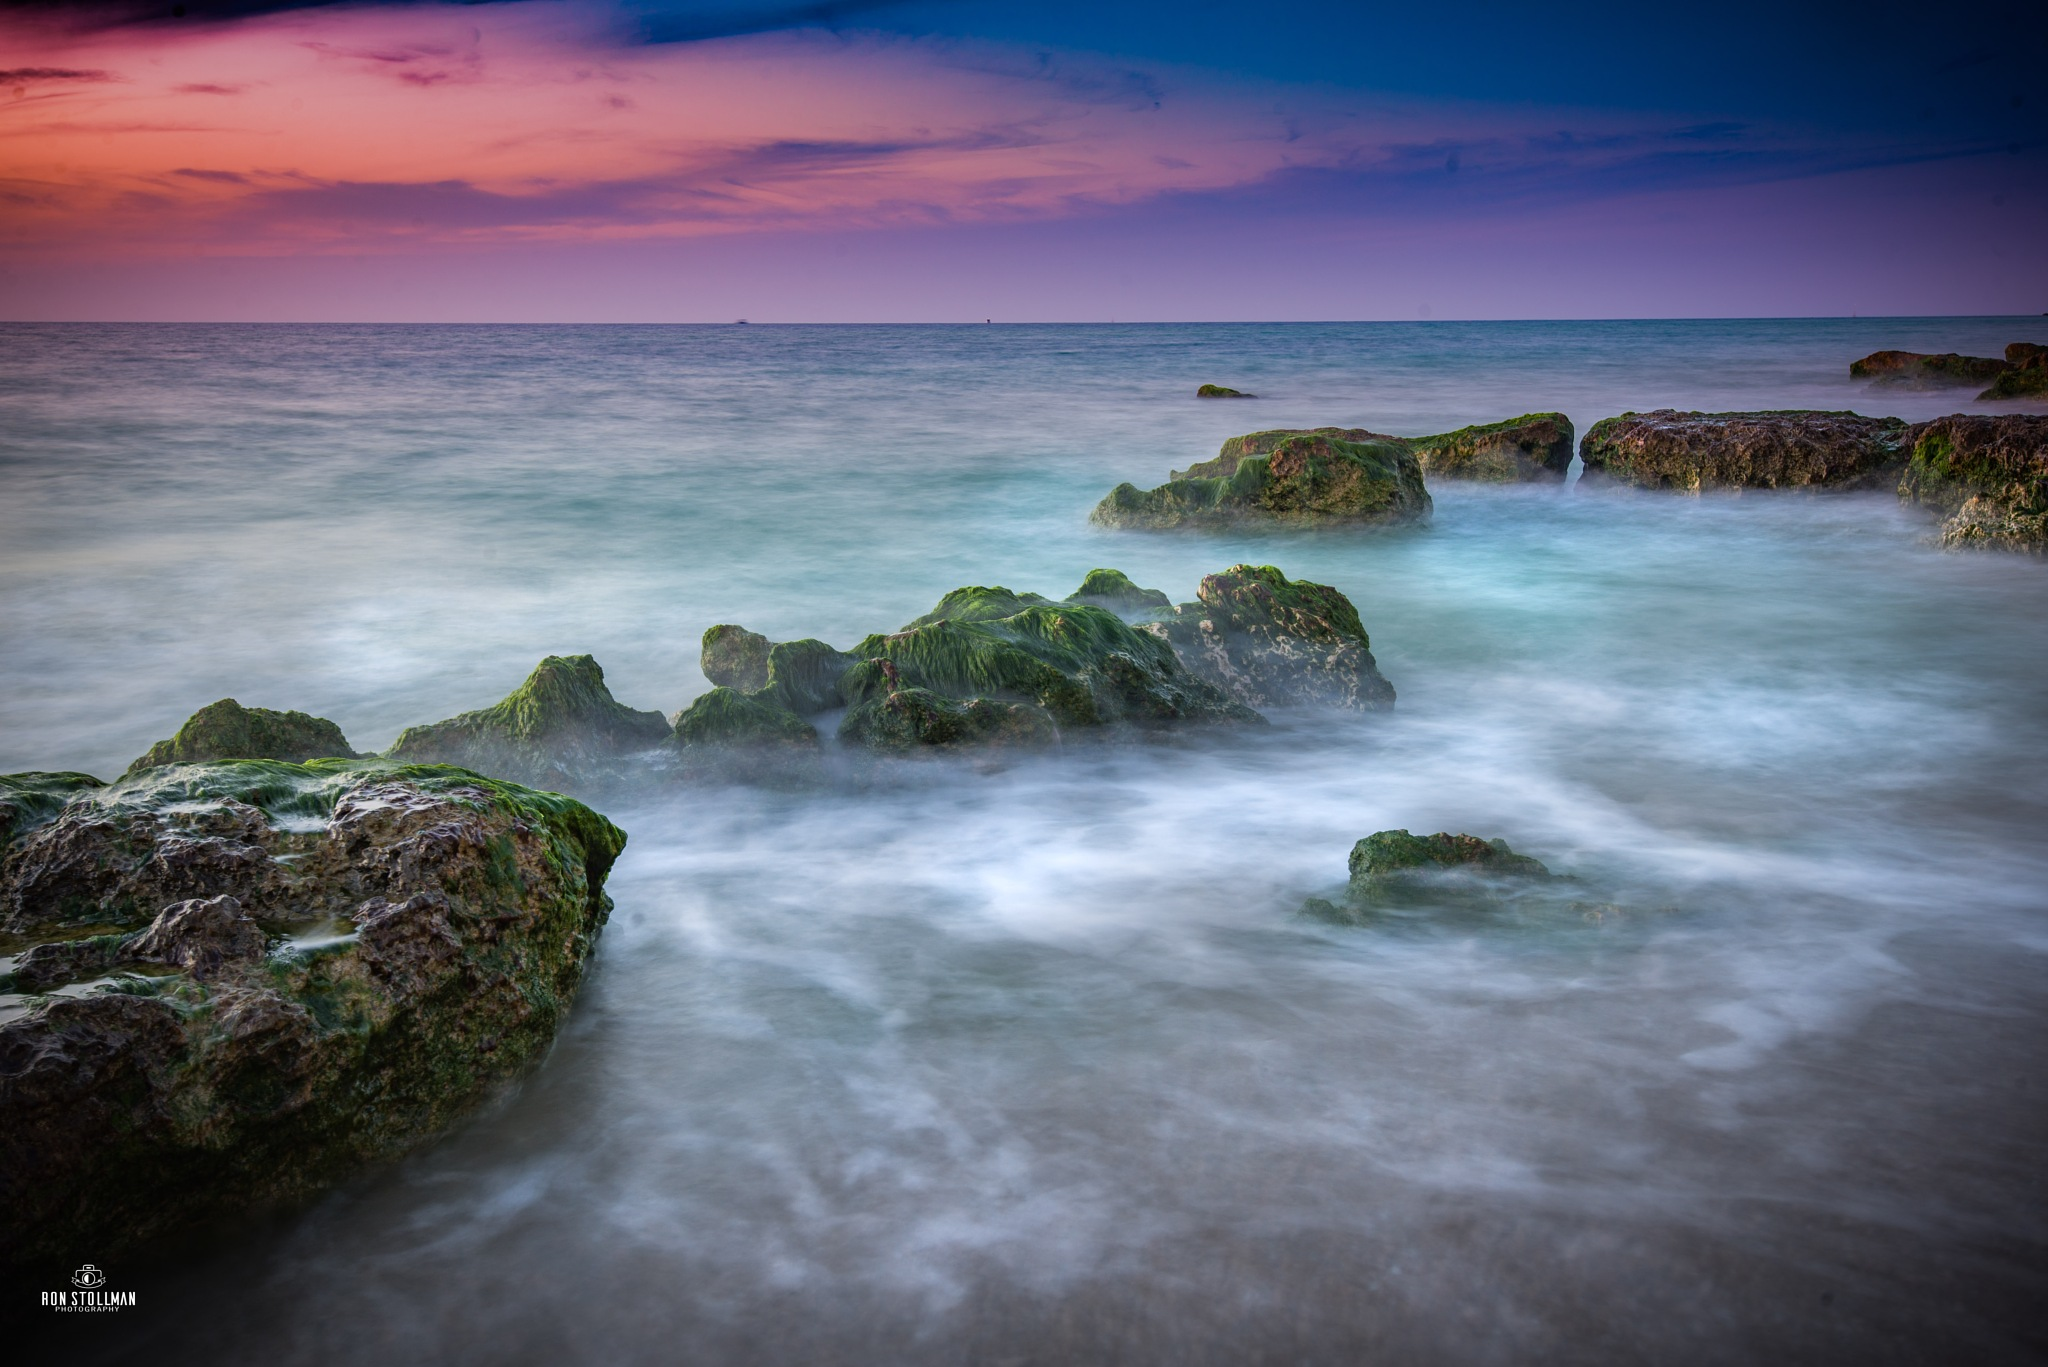 Misty Sunset by Ron Stollman